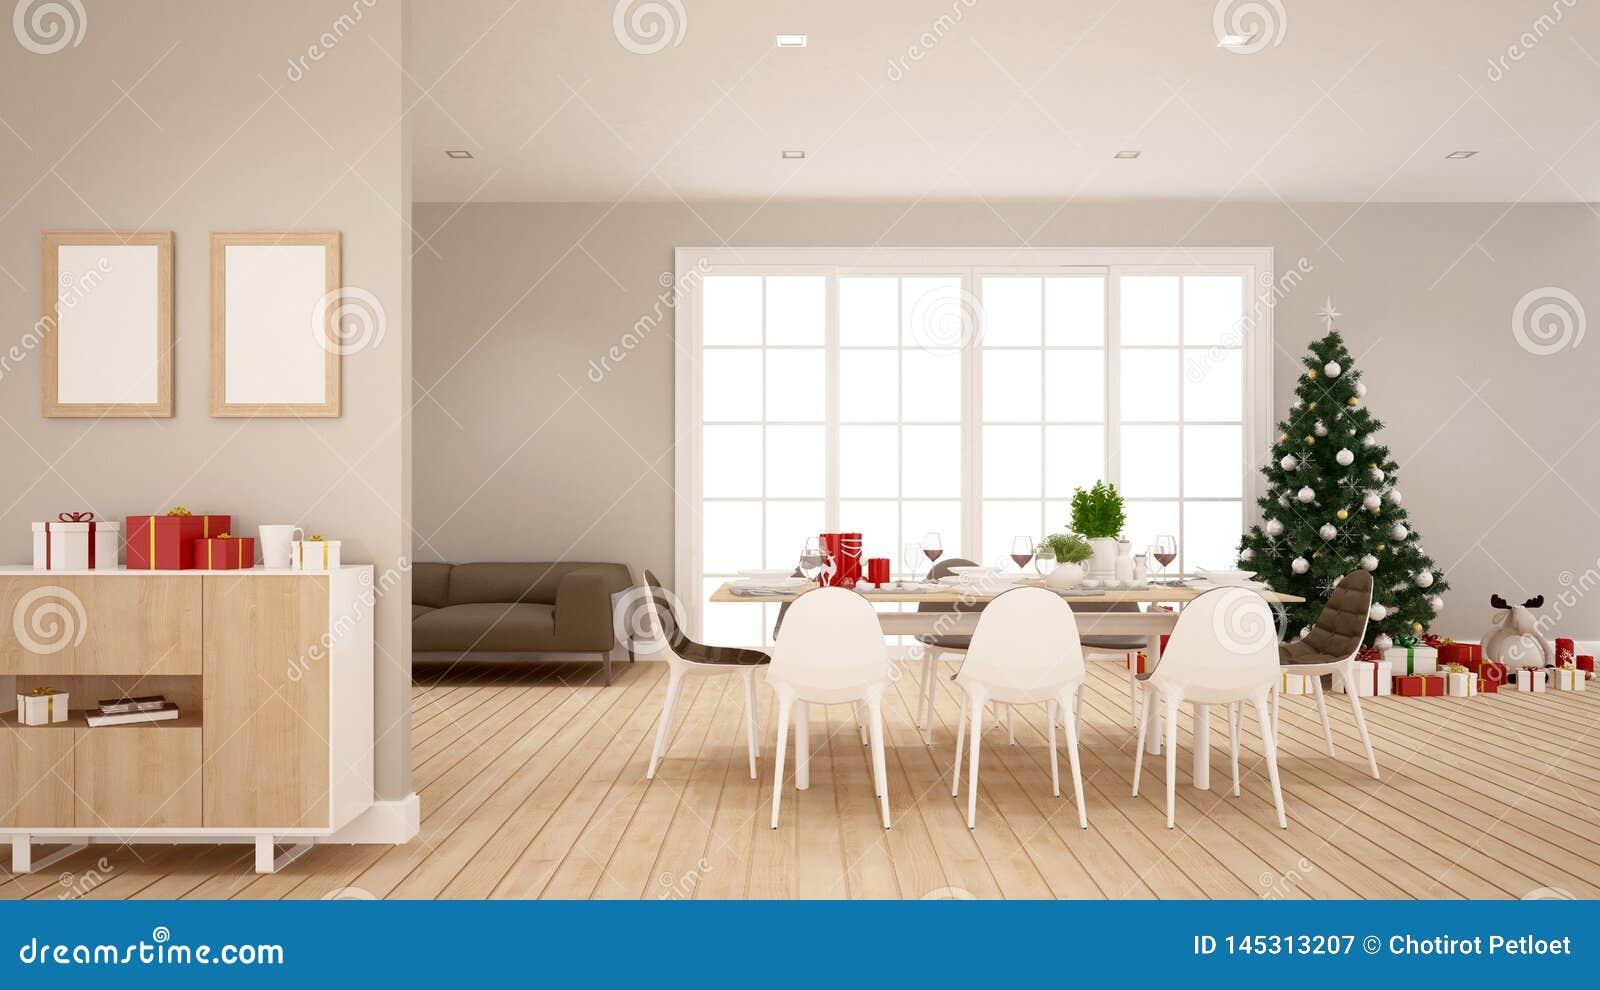 Salle à manger et arbre de Noël en appartement à la maison de RO - illustration pour le jour de Noël - rendu 3D